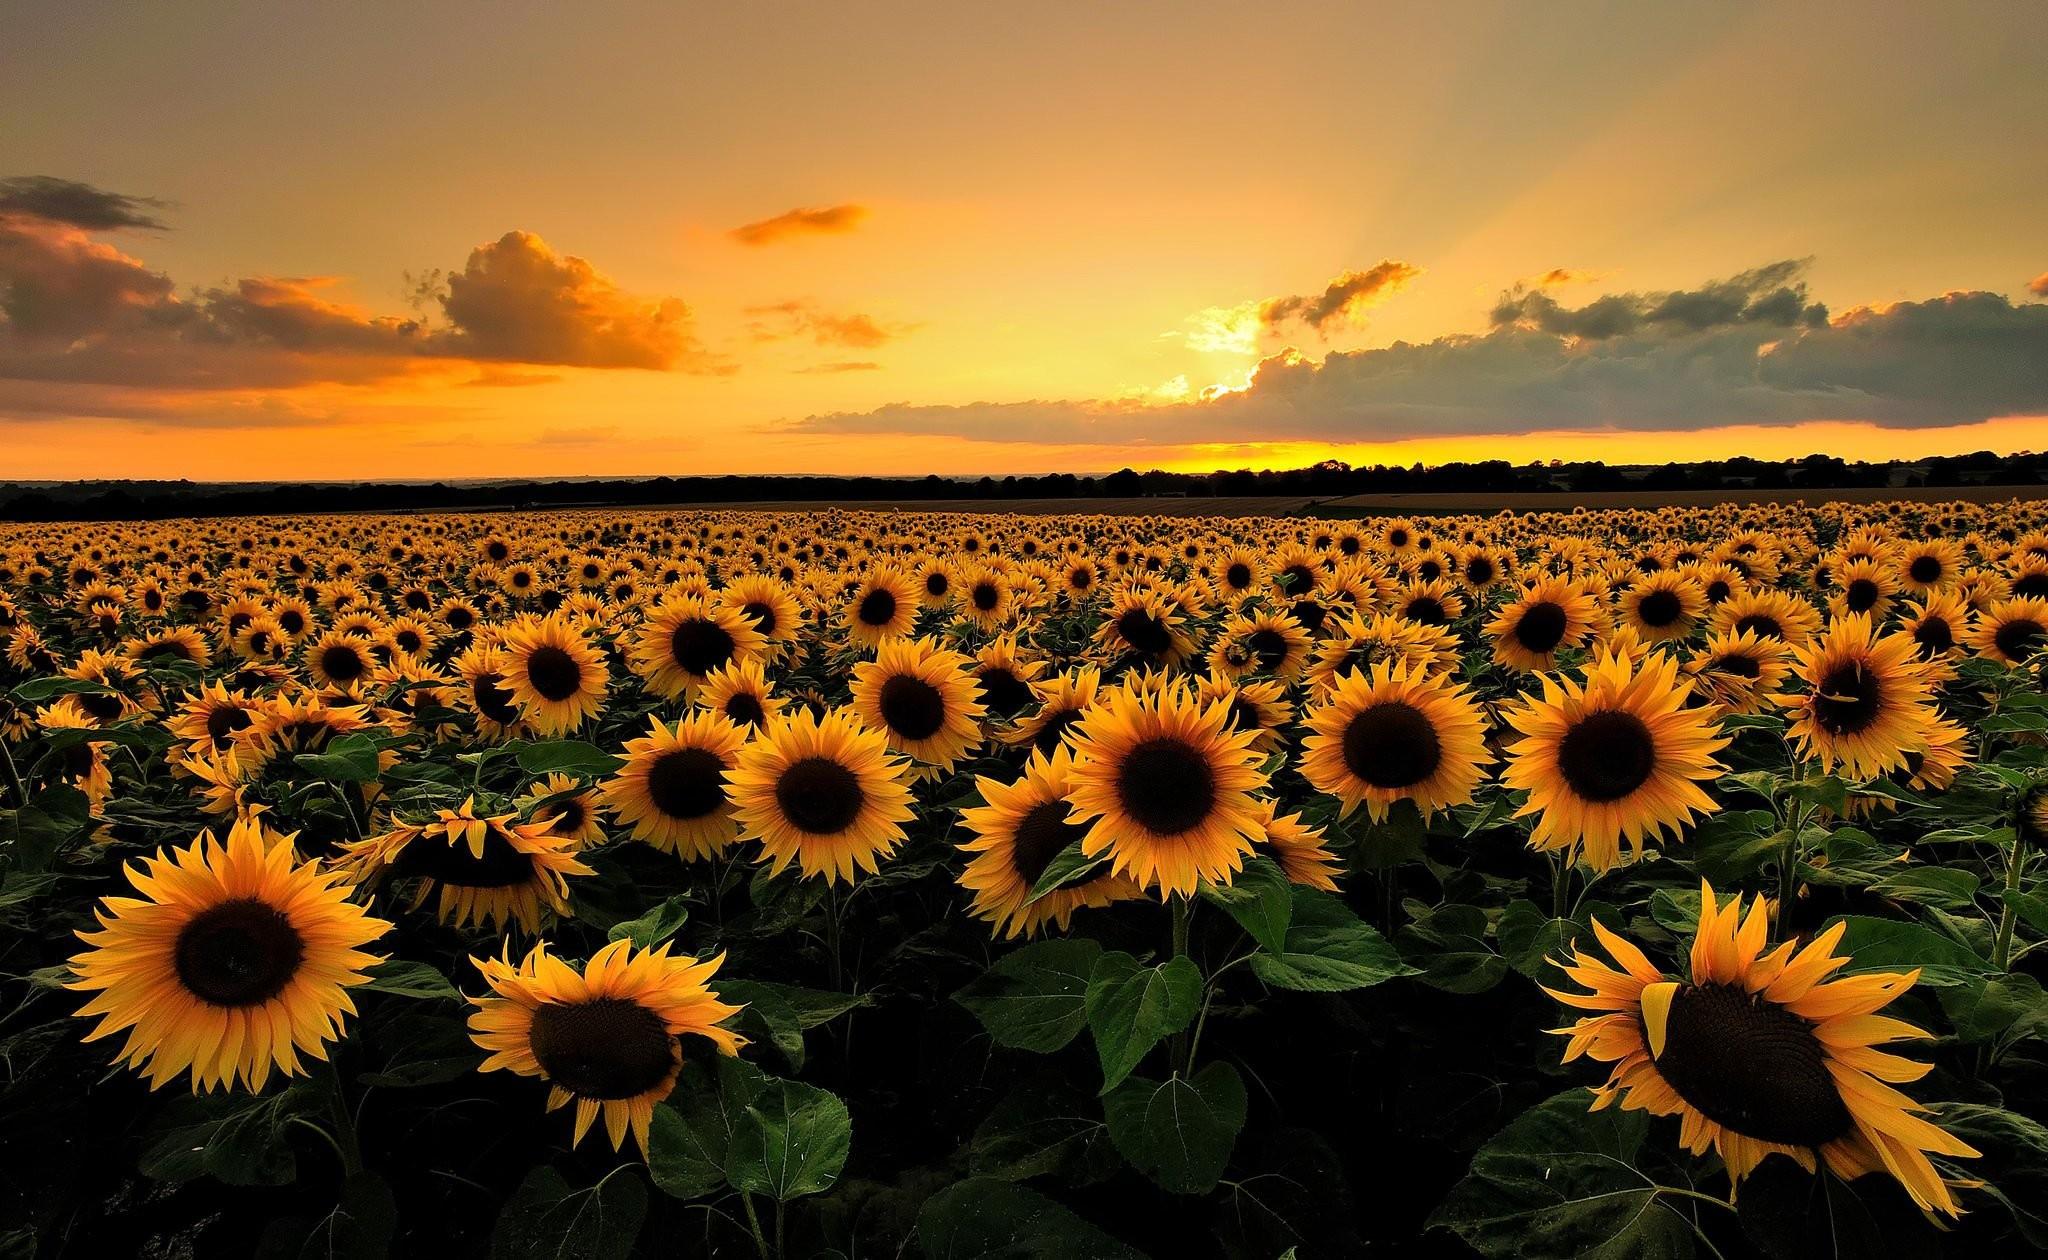 vunature.com-flowers-sunflowers-clouds-sunset-field-nature-wallpaper-desktop-full-size.jpg